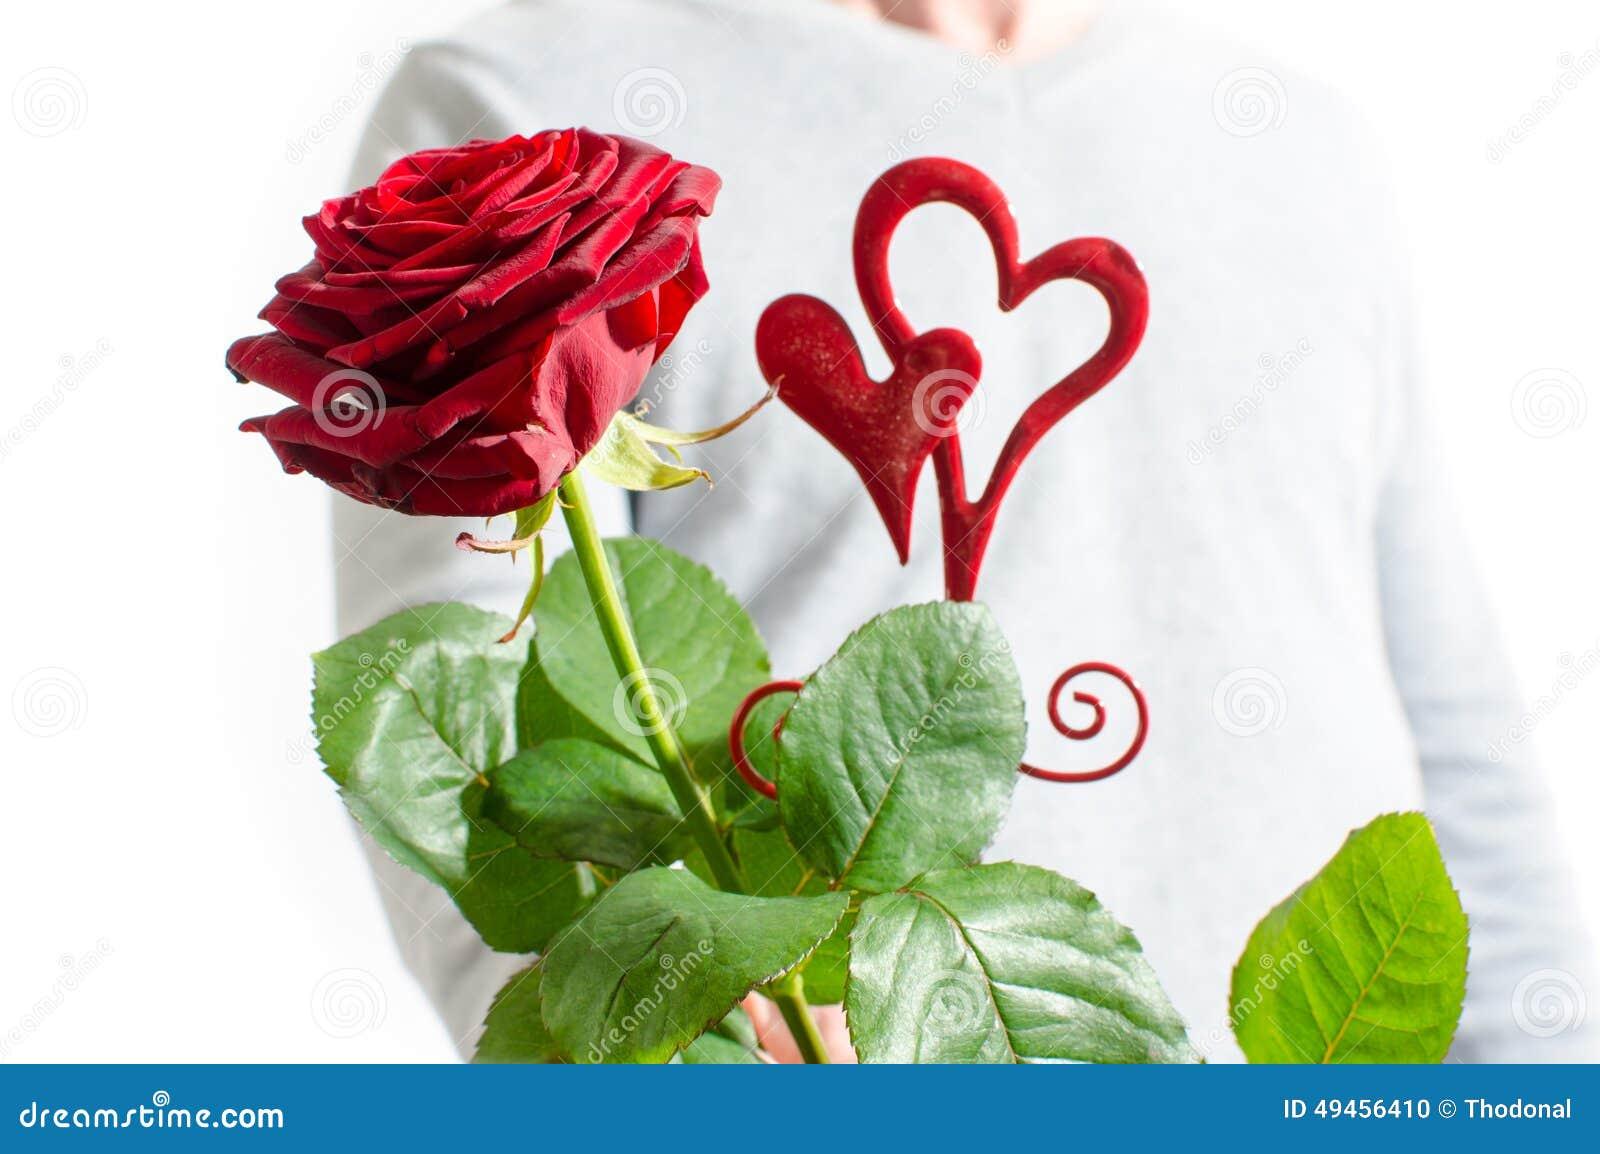 Excepcional San Valentín Rosa Uñas Día Ornamento - Ideas Para ...